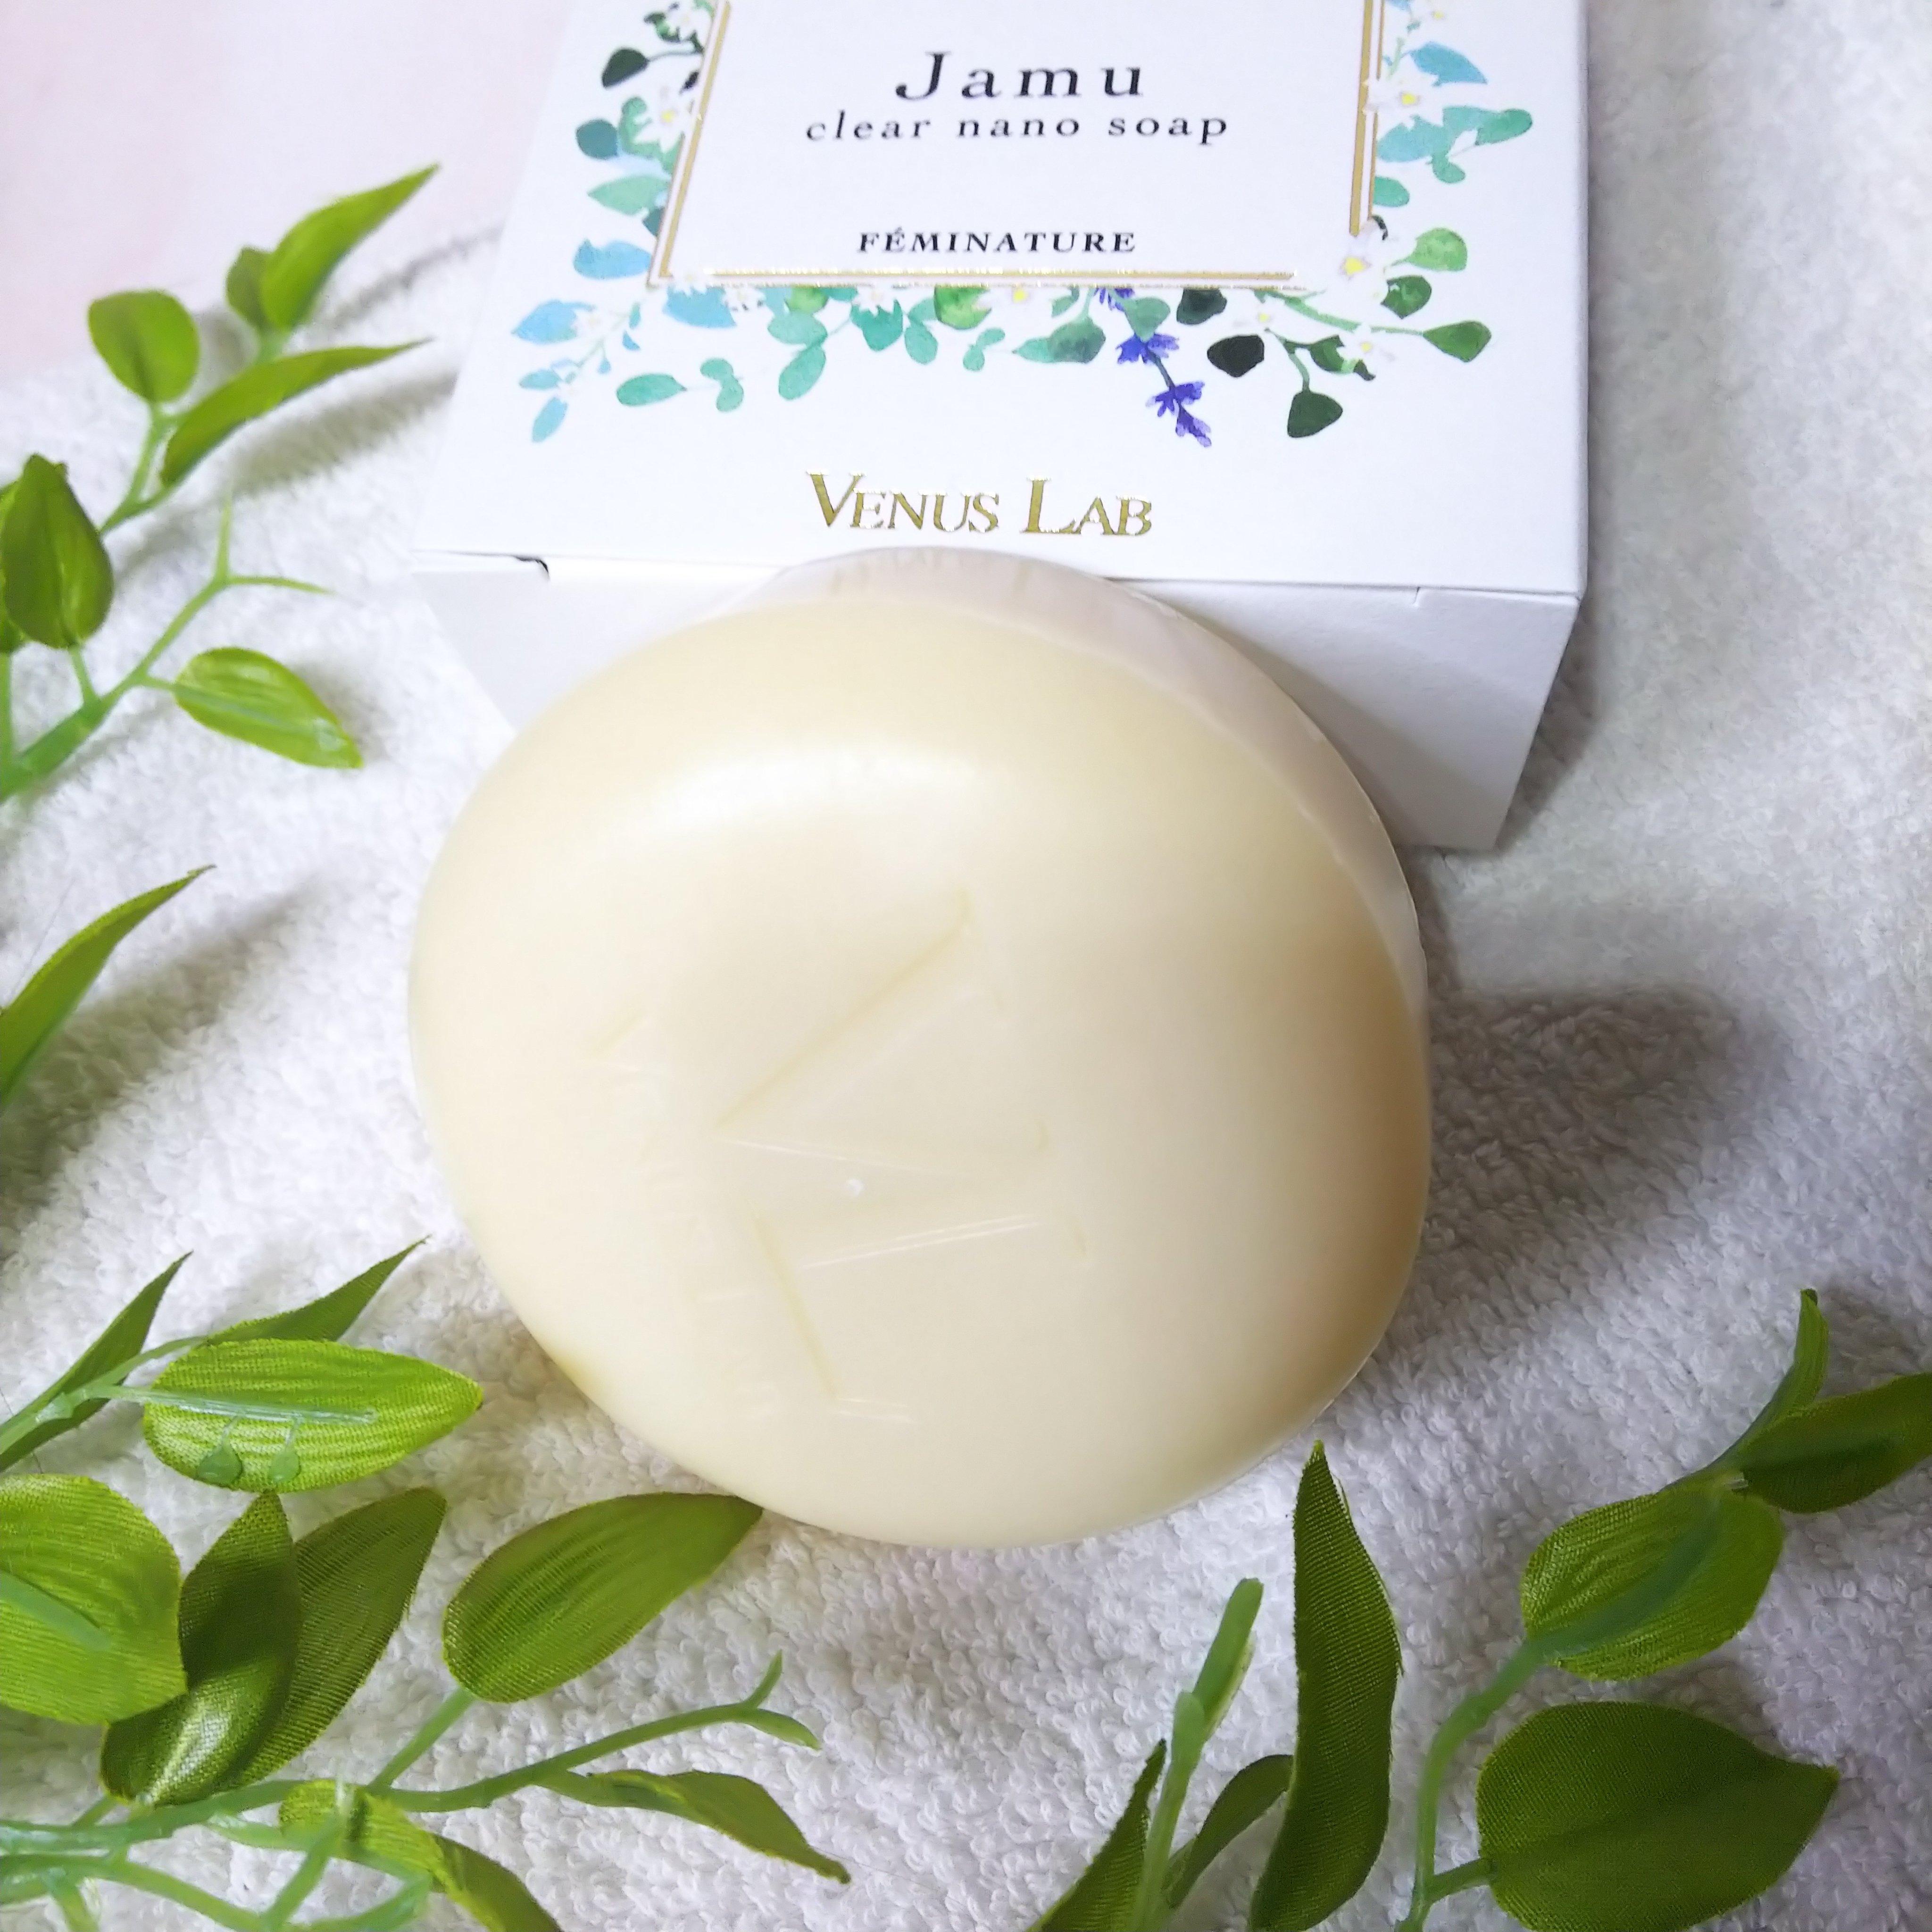 Xà Phòng Vệ Sinh Phụ Nữ Nhật Bản Venus Lab Féminature Jamu Clear Nano Soap, Ngăn Mùi Hôi, Giảm Viêm Ngứa, Dưỡng Ẩm, Dưỡng Da Sáng Mịn Và Mềm Mại, Chứa Collagen, Đậu Nành Và Nhiều Chiết Xuất Thảo Mộc Tự Nhiên